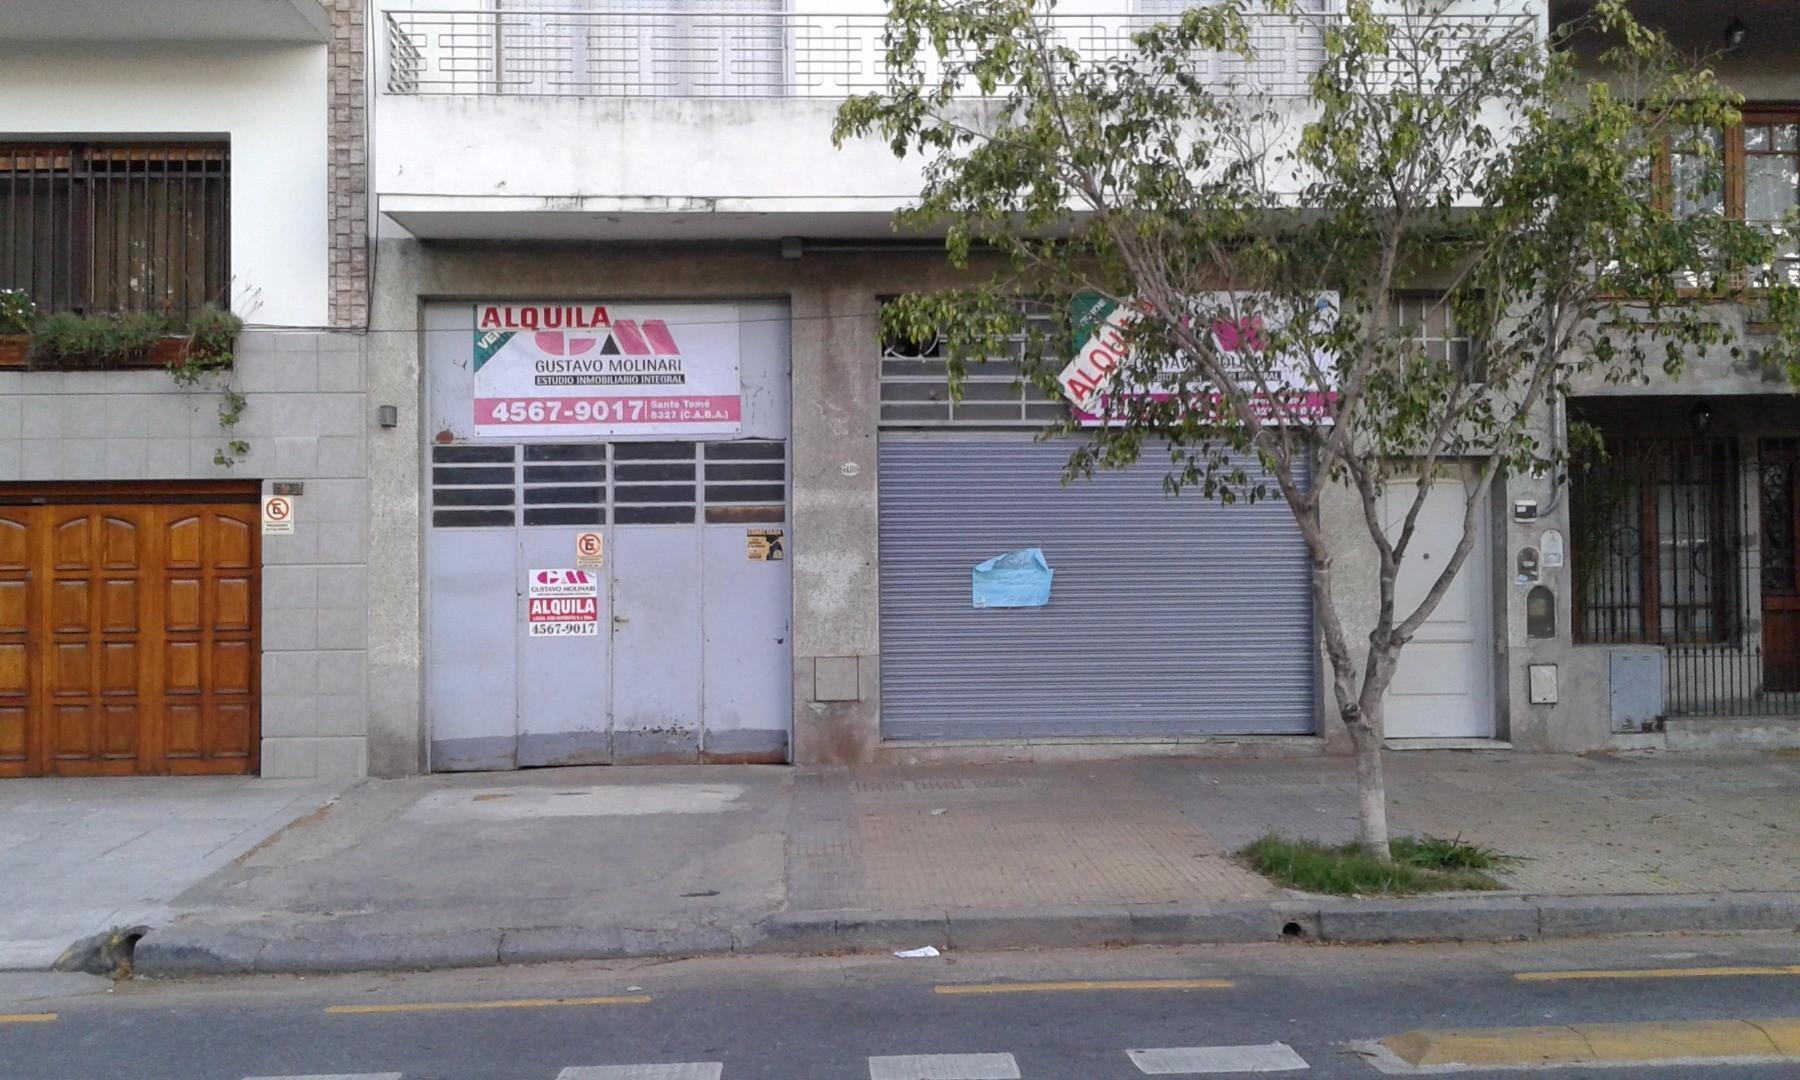 ALQUILER DE  LOCAL CON DEPOSITO  Y ENTRADA DE CAMIONES EN MONTE CASTRO